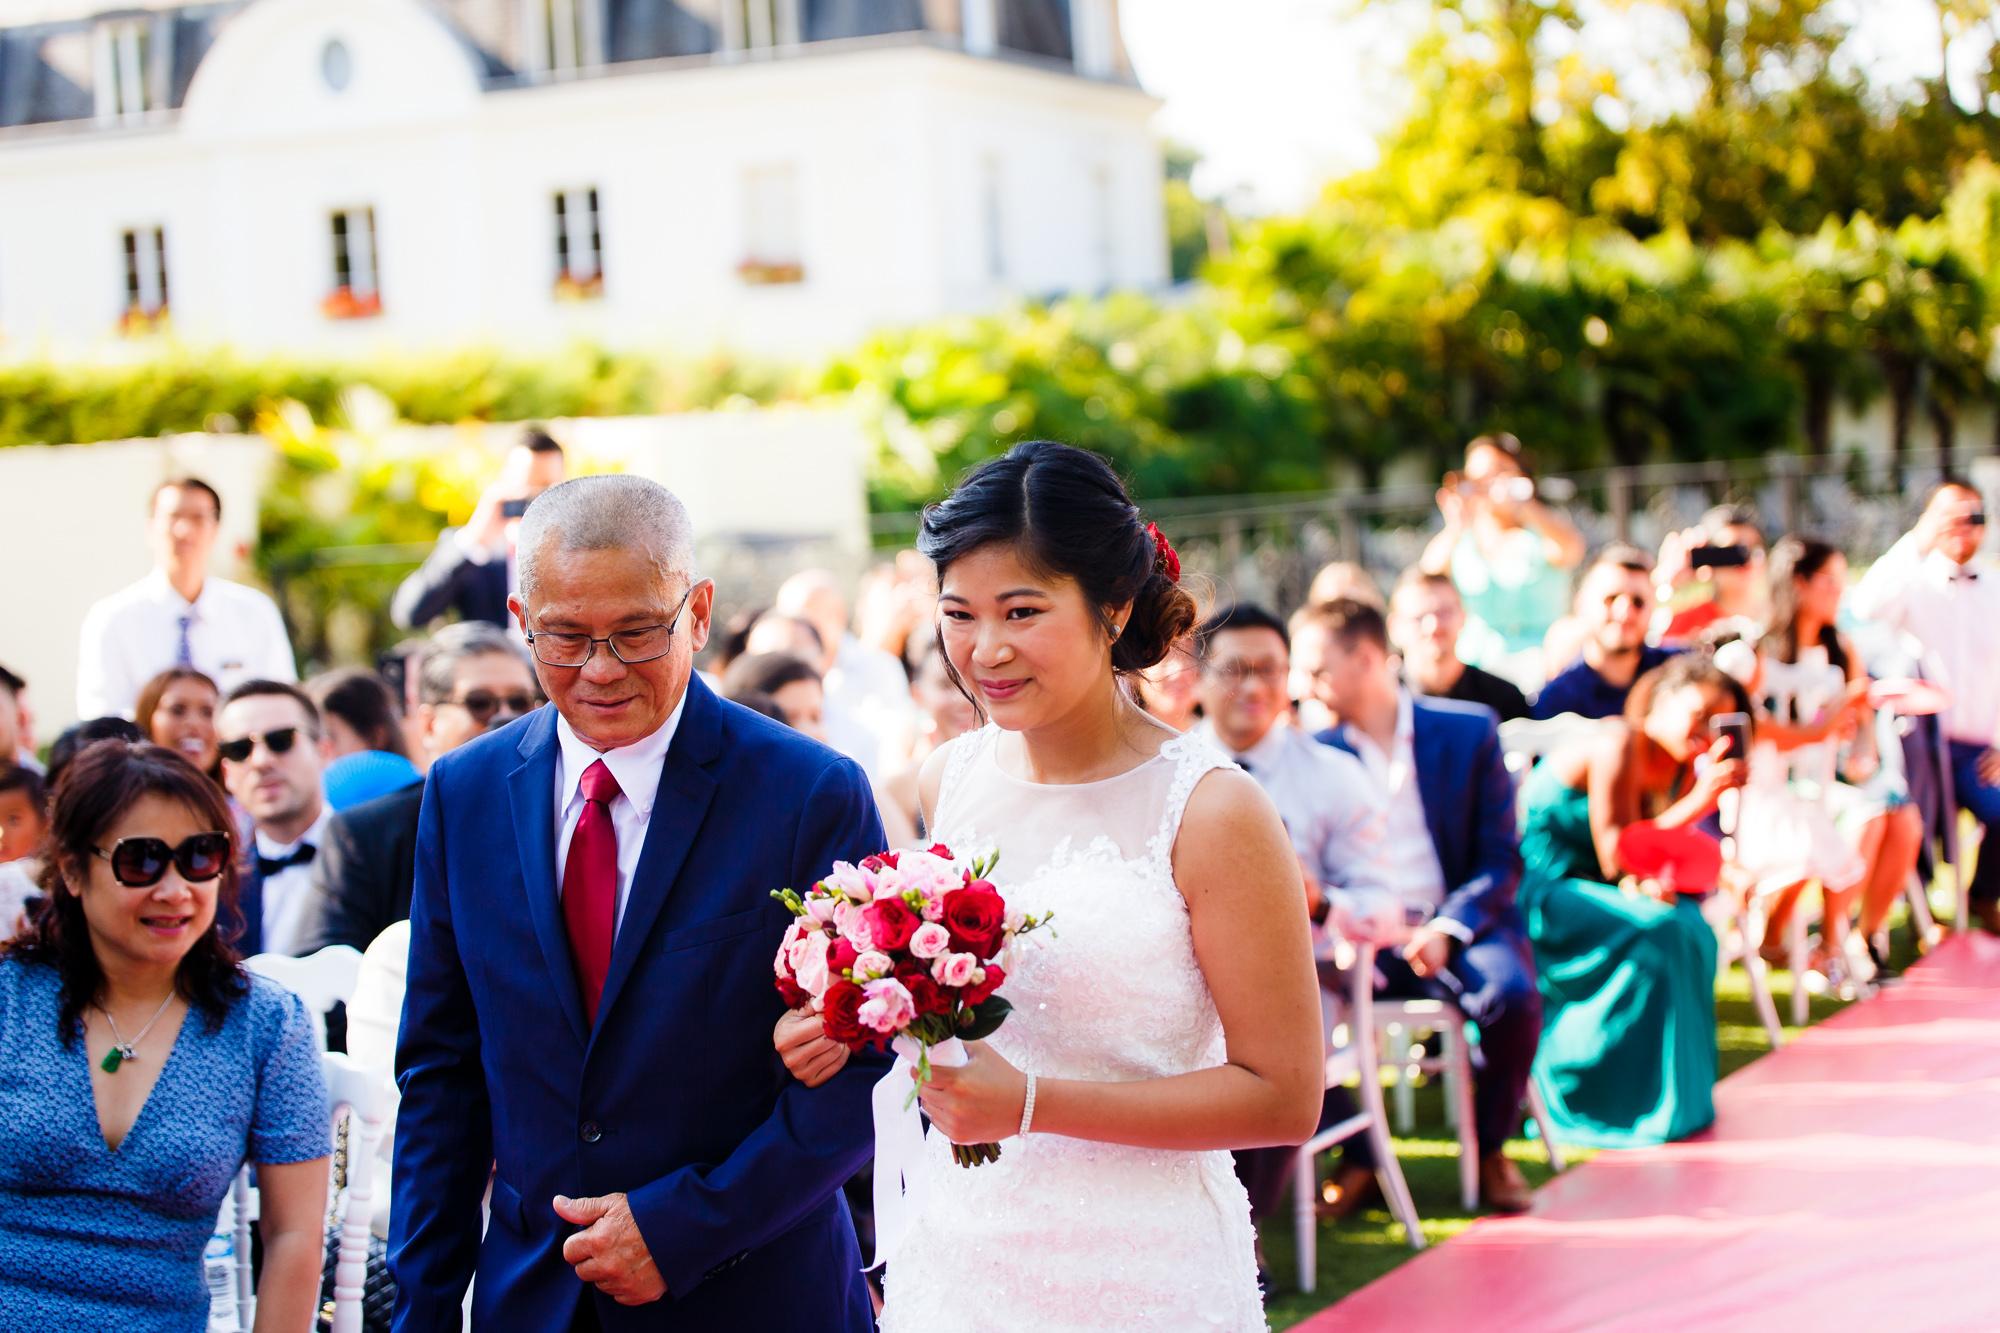 Mariage au Manoir des Cygnes arrive sylvie cérémonie laïque